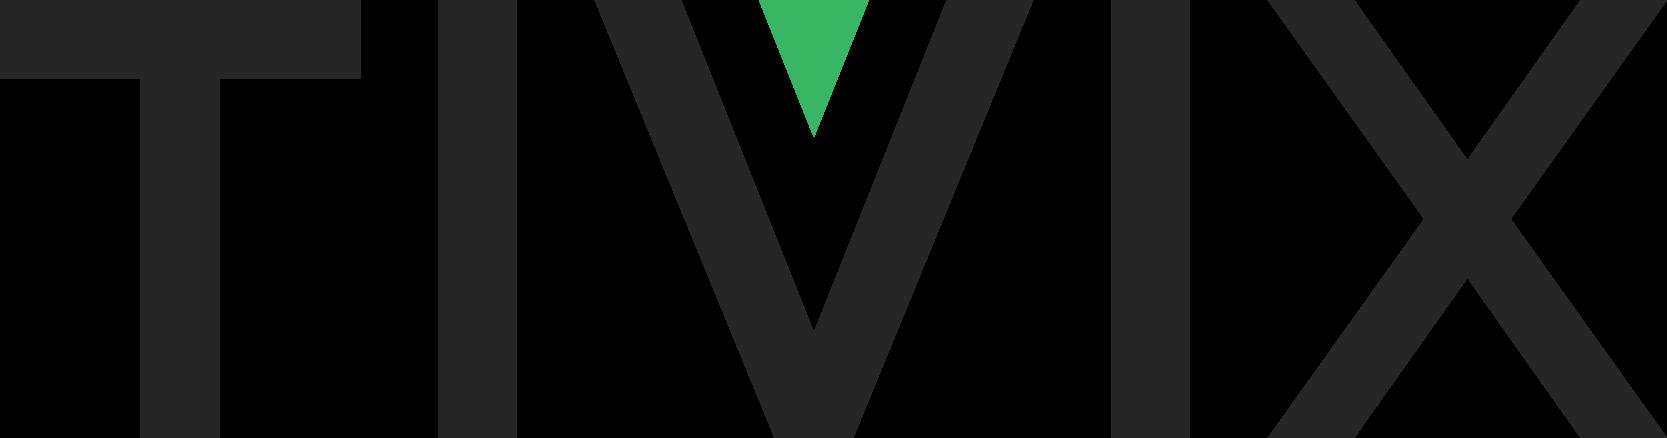 Tivix logo